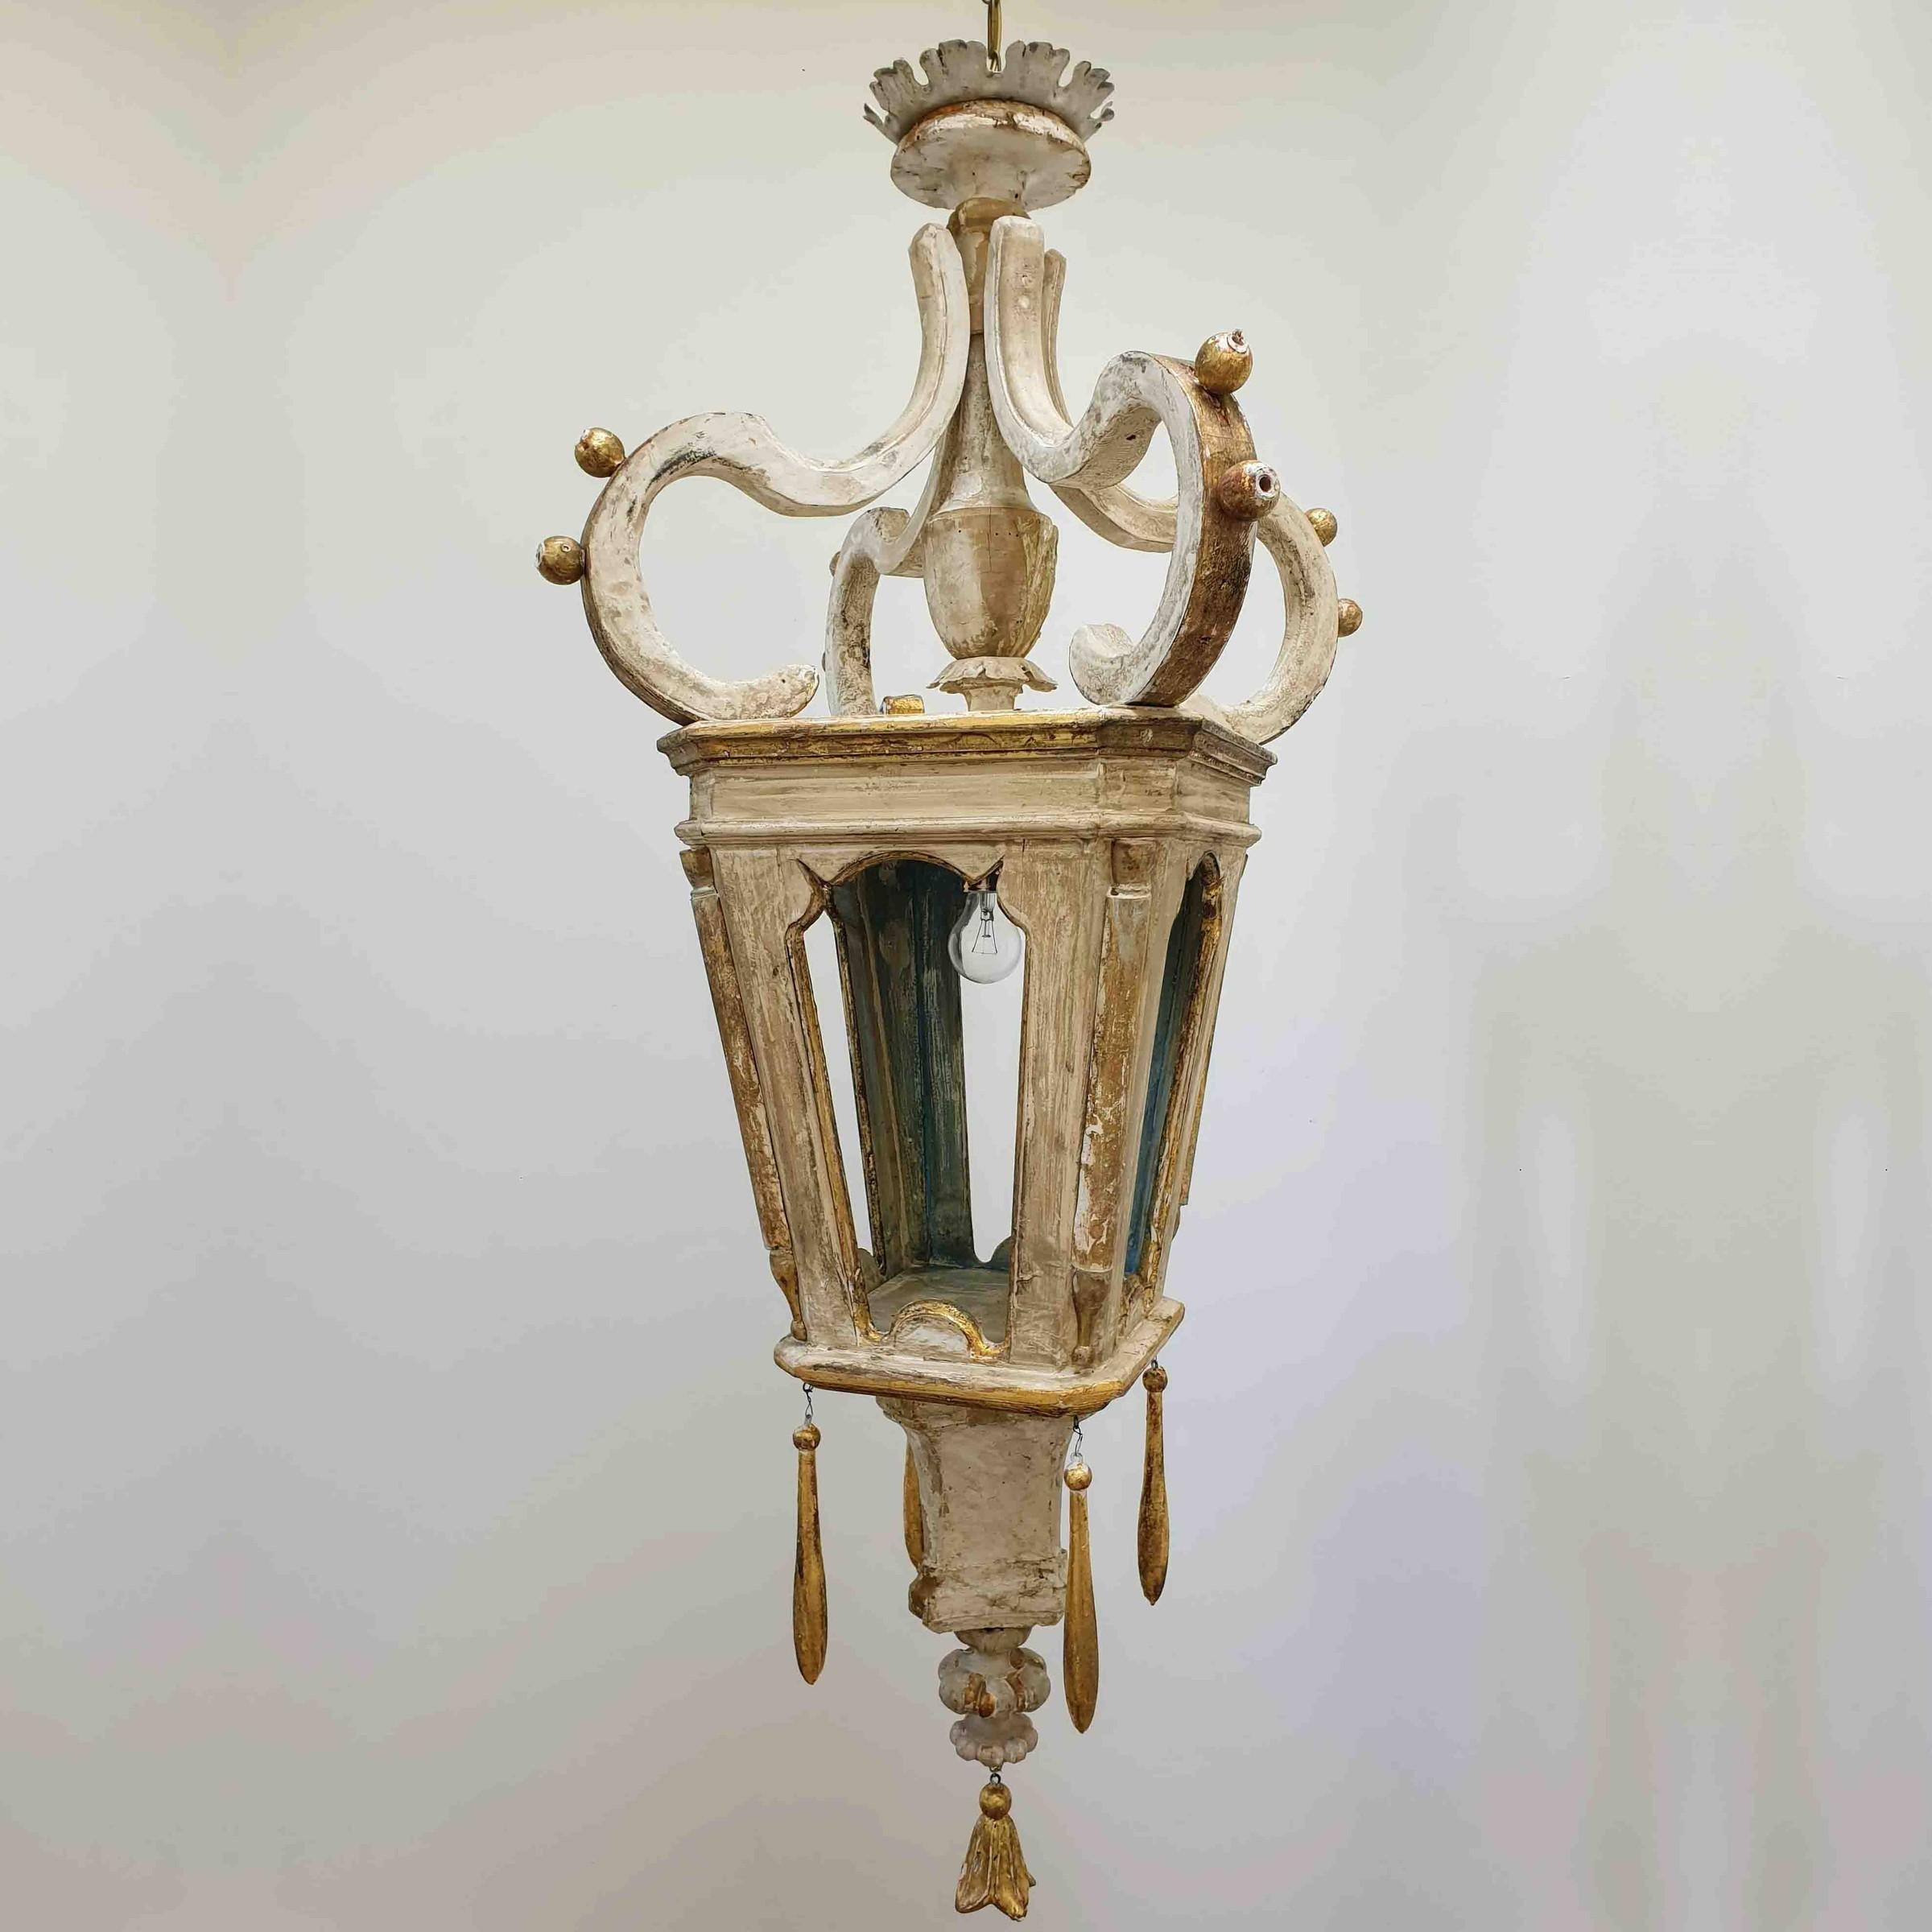 Stel houten lantaarns, gemaakt van 18e eeuwse fragmenten